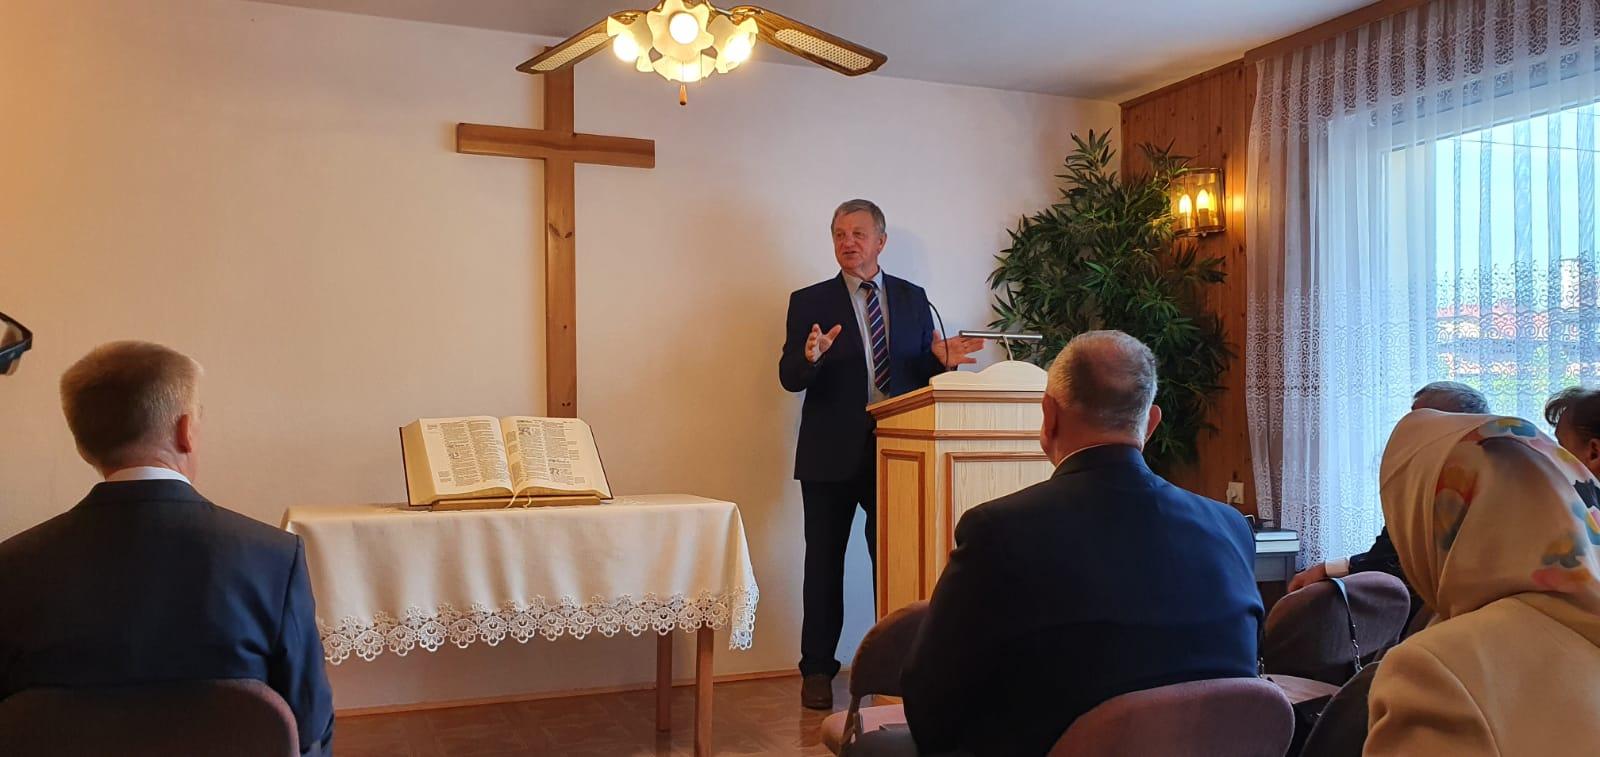 Ryszard Dąbek, 03-10-2021, Świadectwo